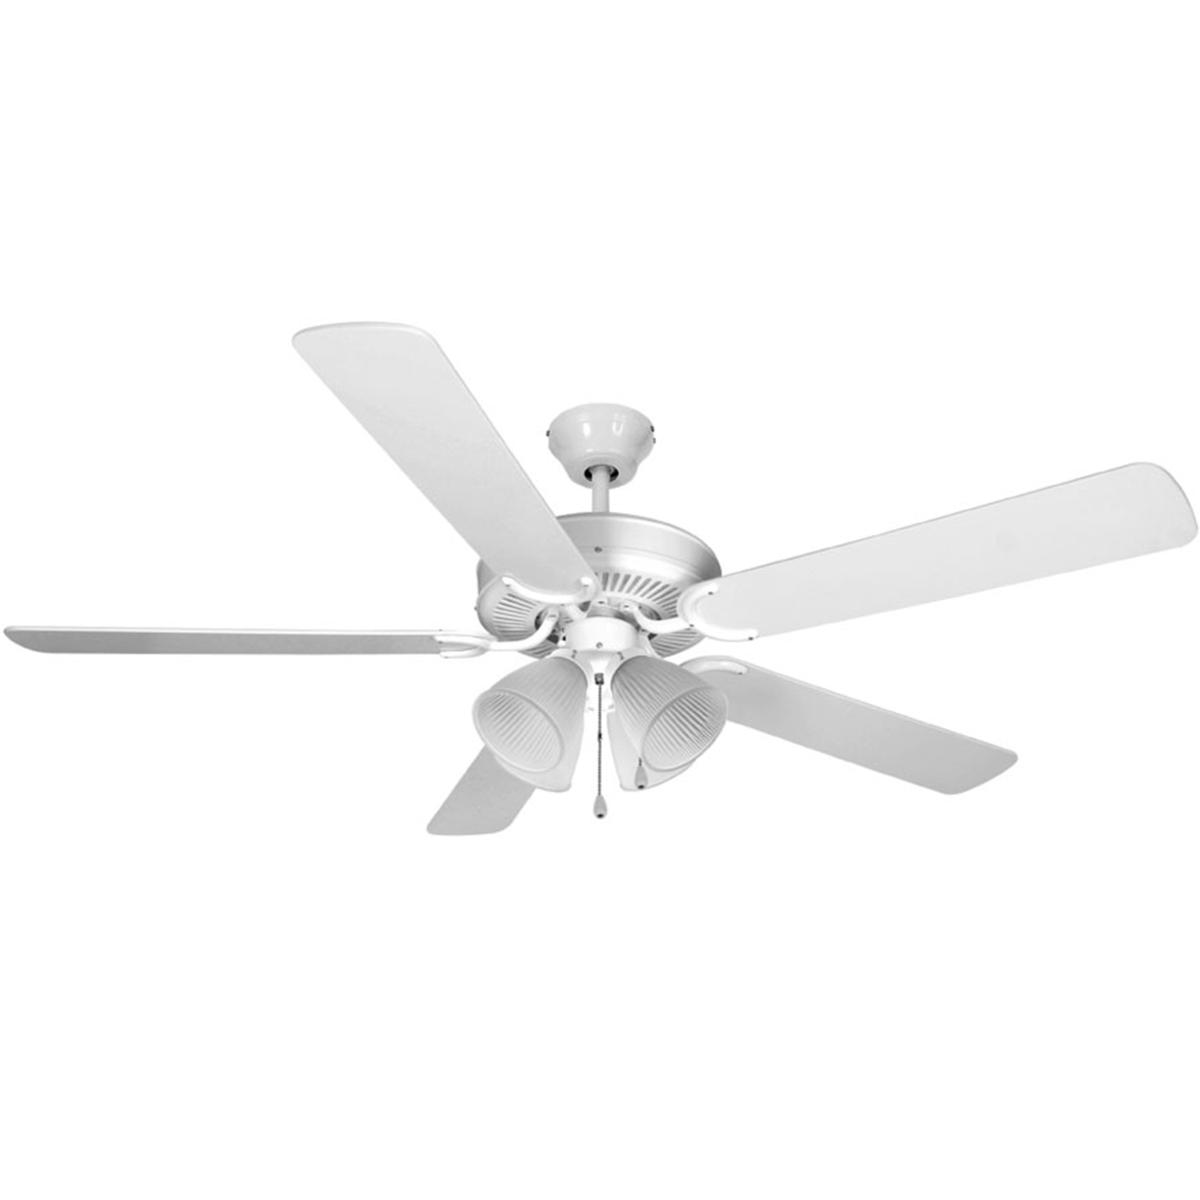 Ventilador De Teto Hl-3   4 Tulipas E-27 5 Pas Reversiveis (Cinza / Branco) Branco